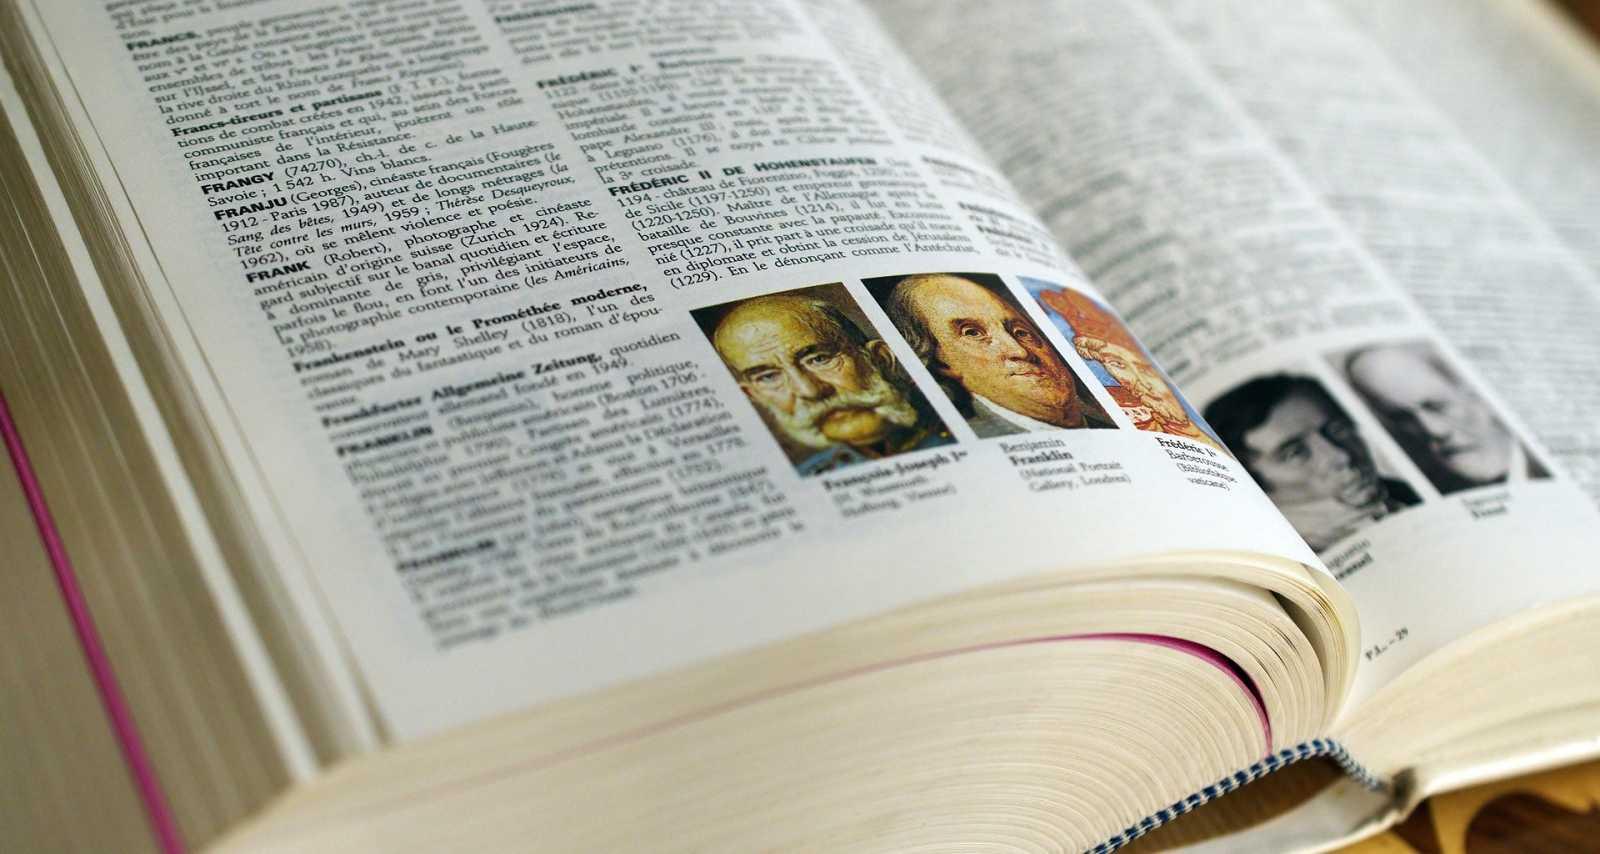 Creando que es gerundio - Los derechos de autor de un diccionario - 02/03/21 - Escuchar ahora